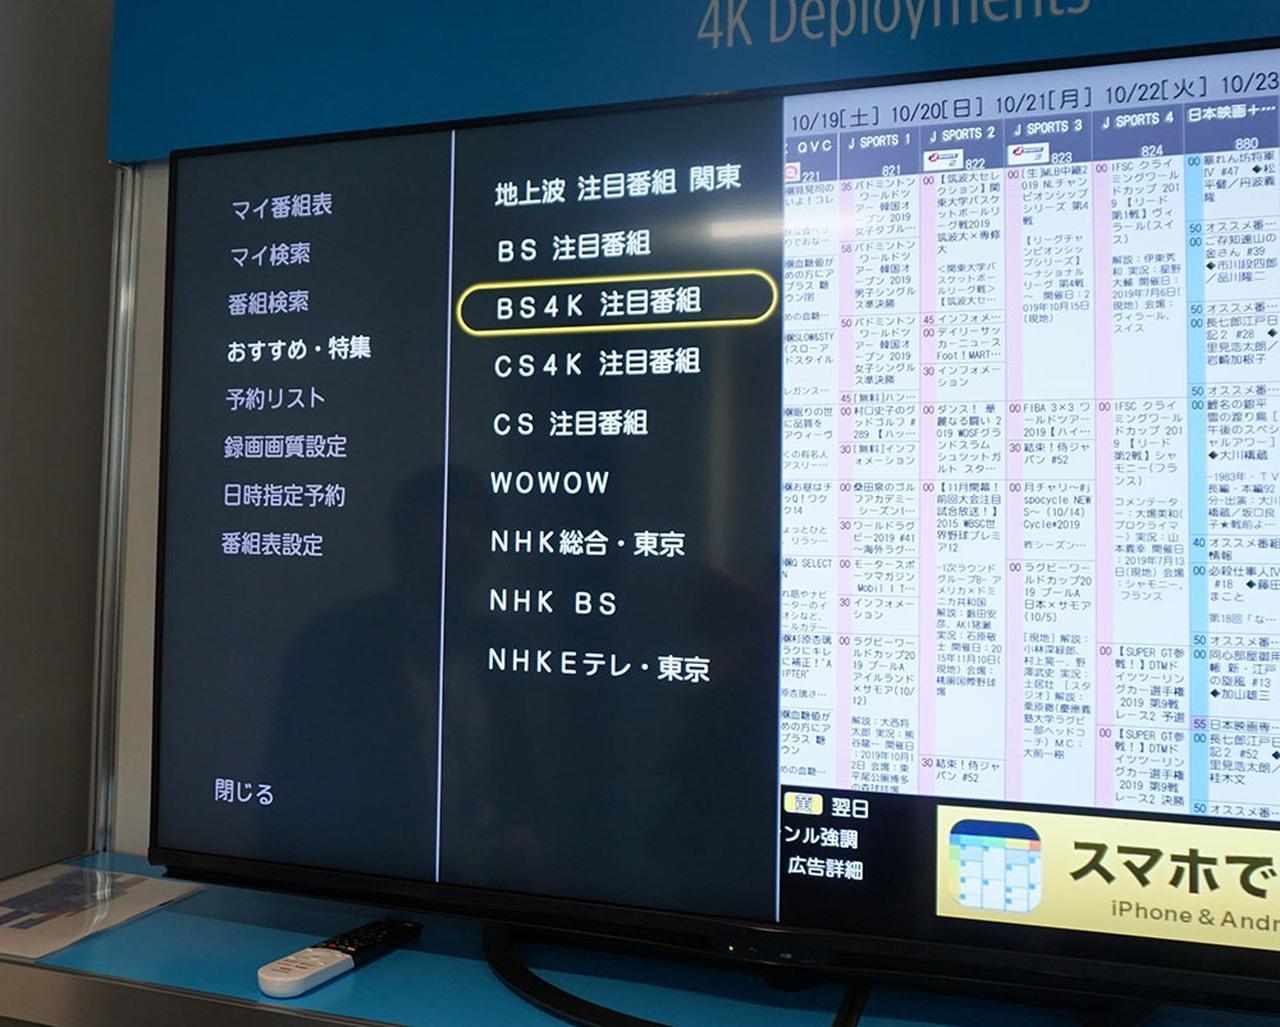 画像: シャープの4Kレコーダーでは、BS4Kのお薦め番組をメニューから呼び出せる。将来的にはこれを放送局別に展開したい考えのようだ